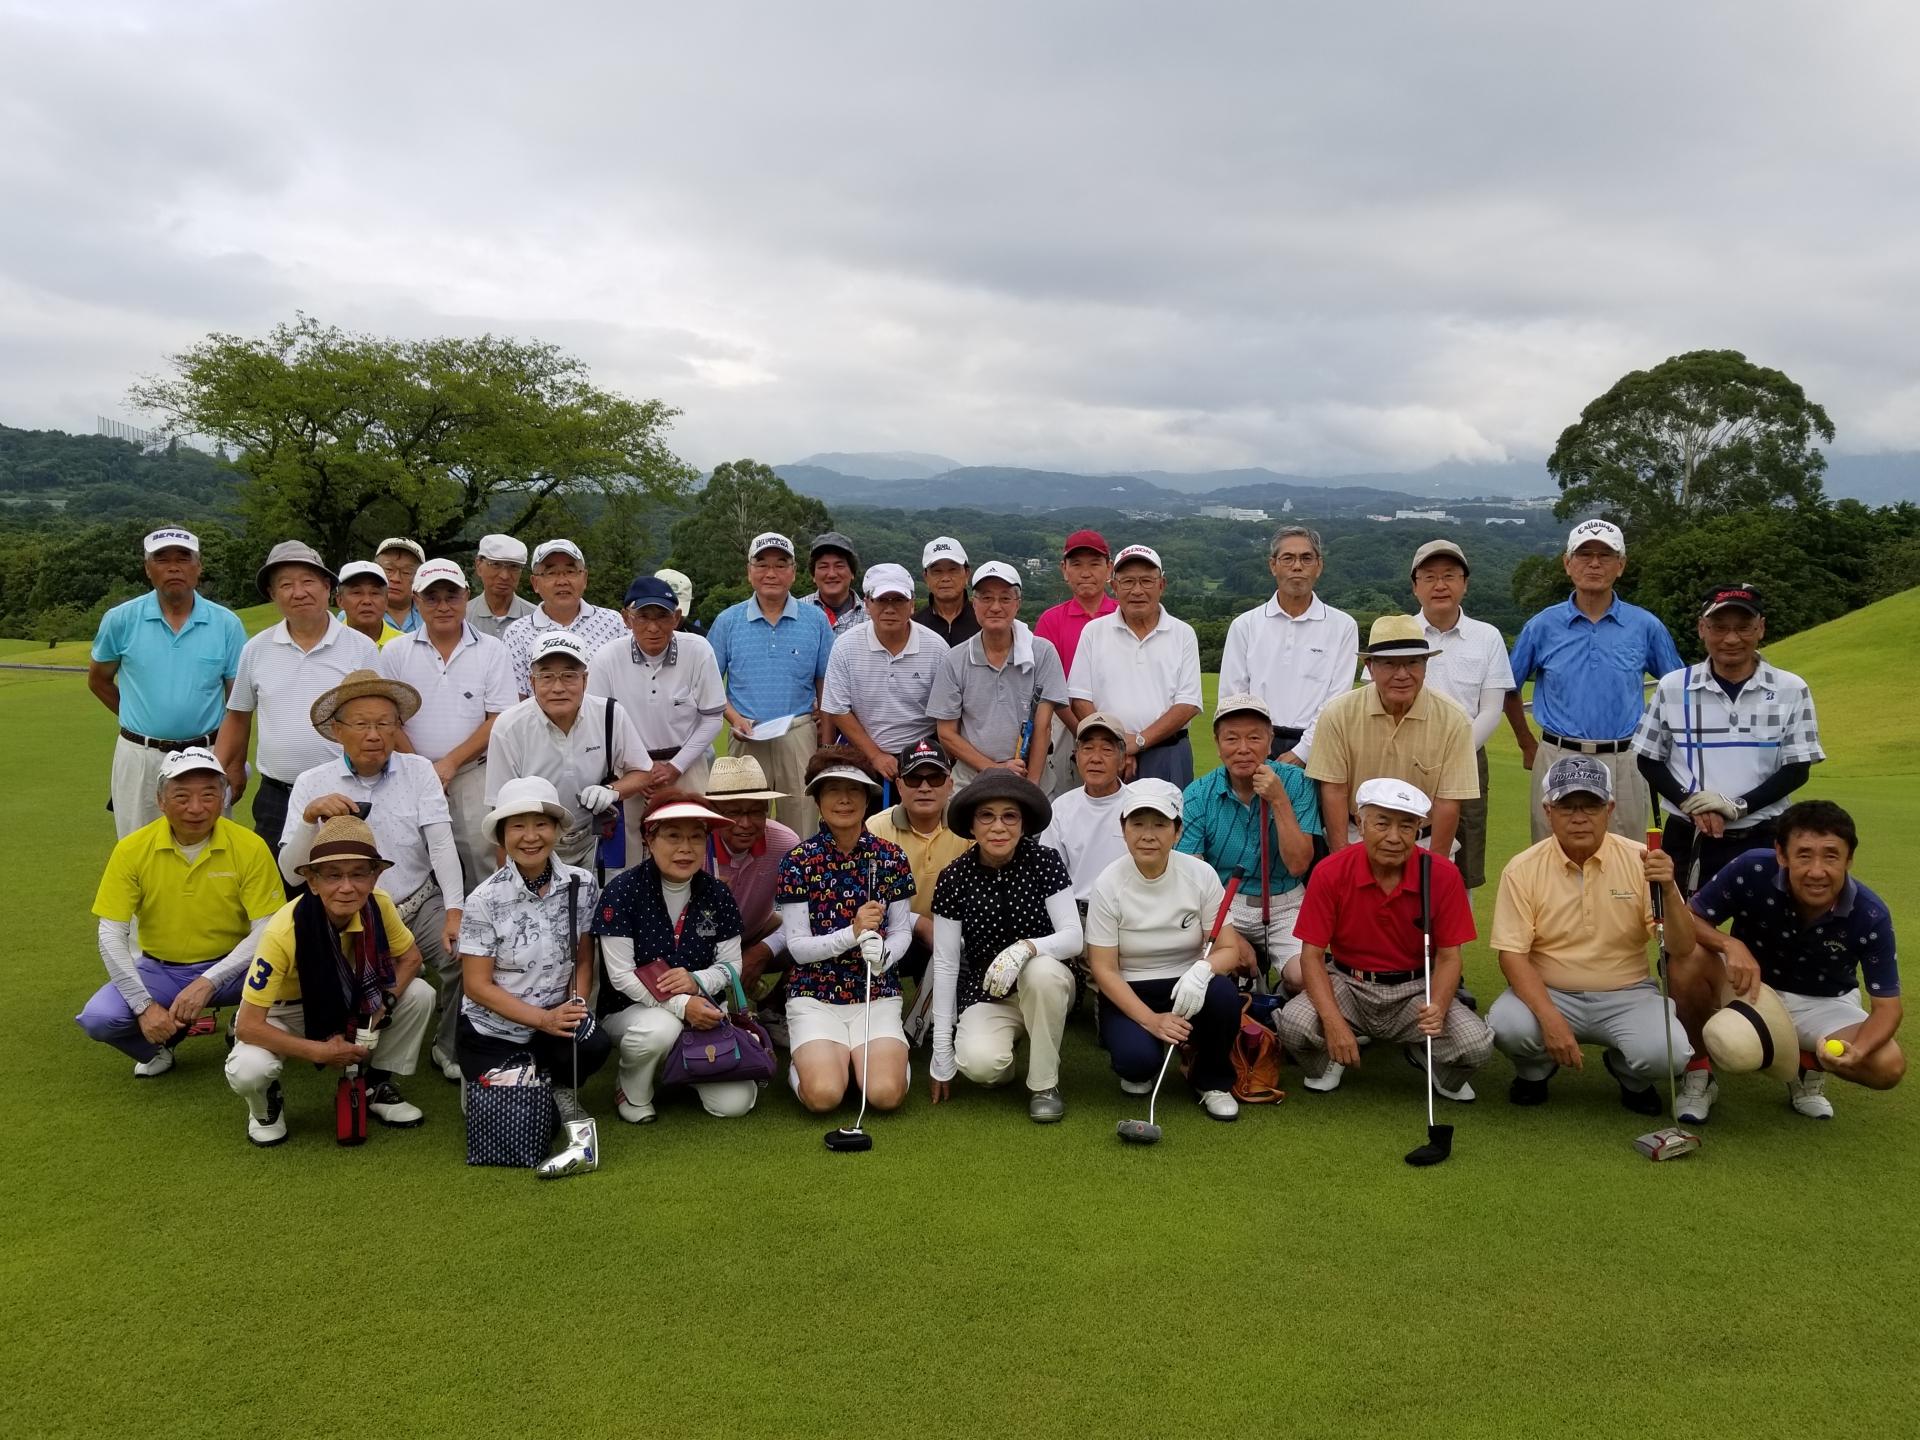 第283回 ゴルフガーデン星野会ゴルフコンペ